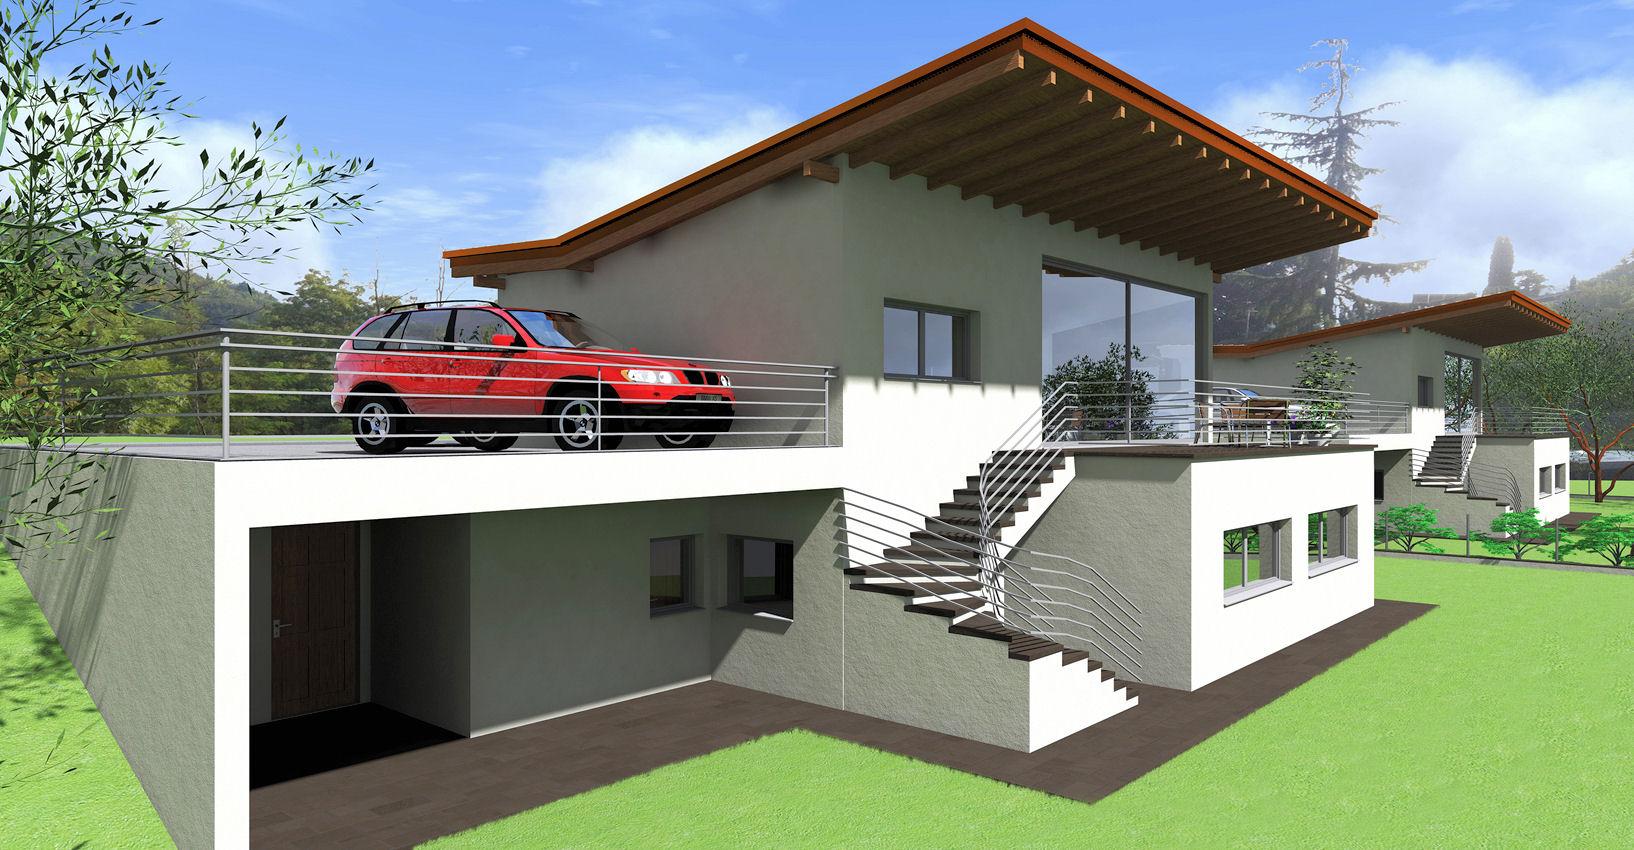 Planimetrie case moderne modern house plan planimetrie di for Moderni progetti di bungalow e planimetrie